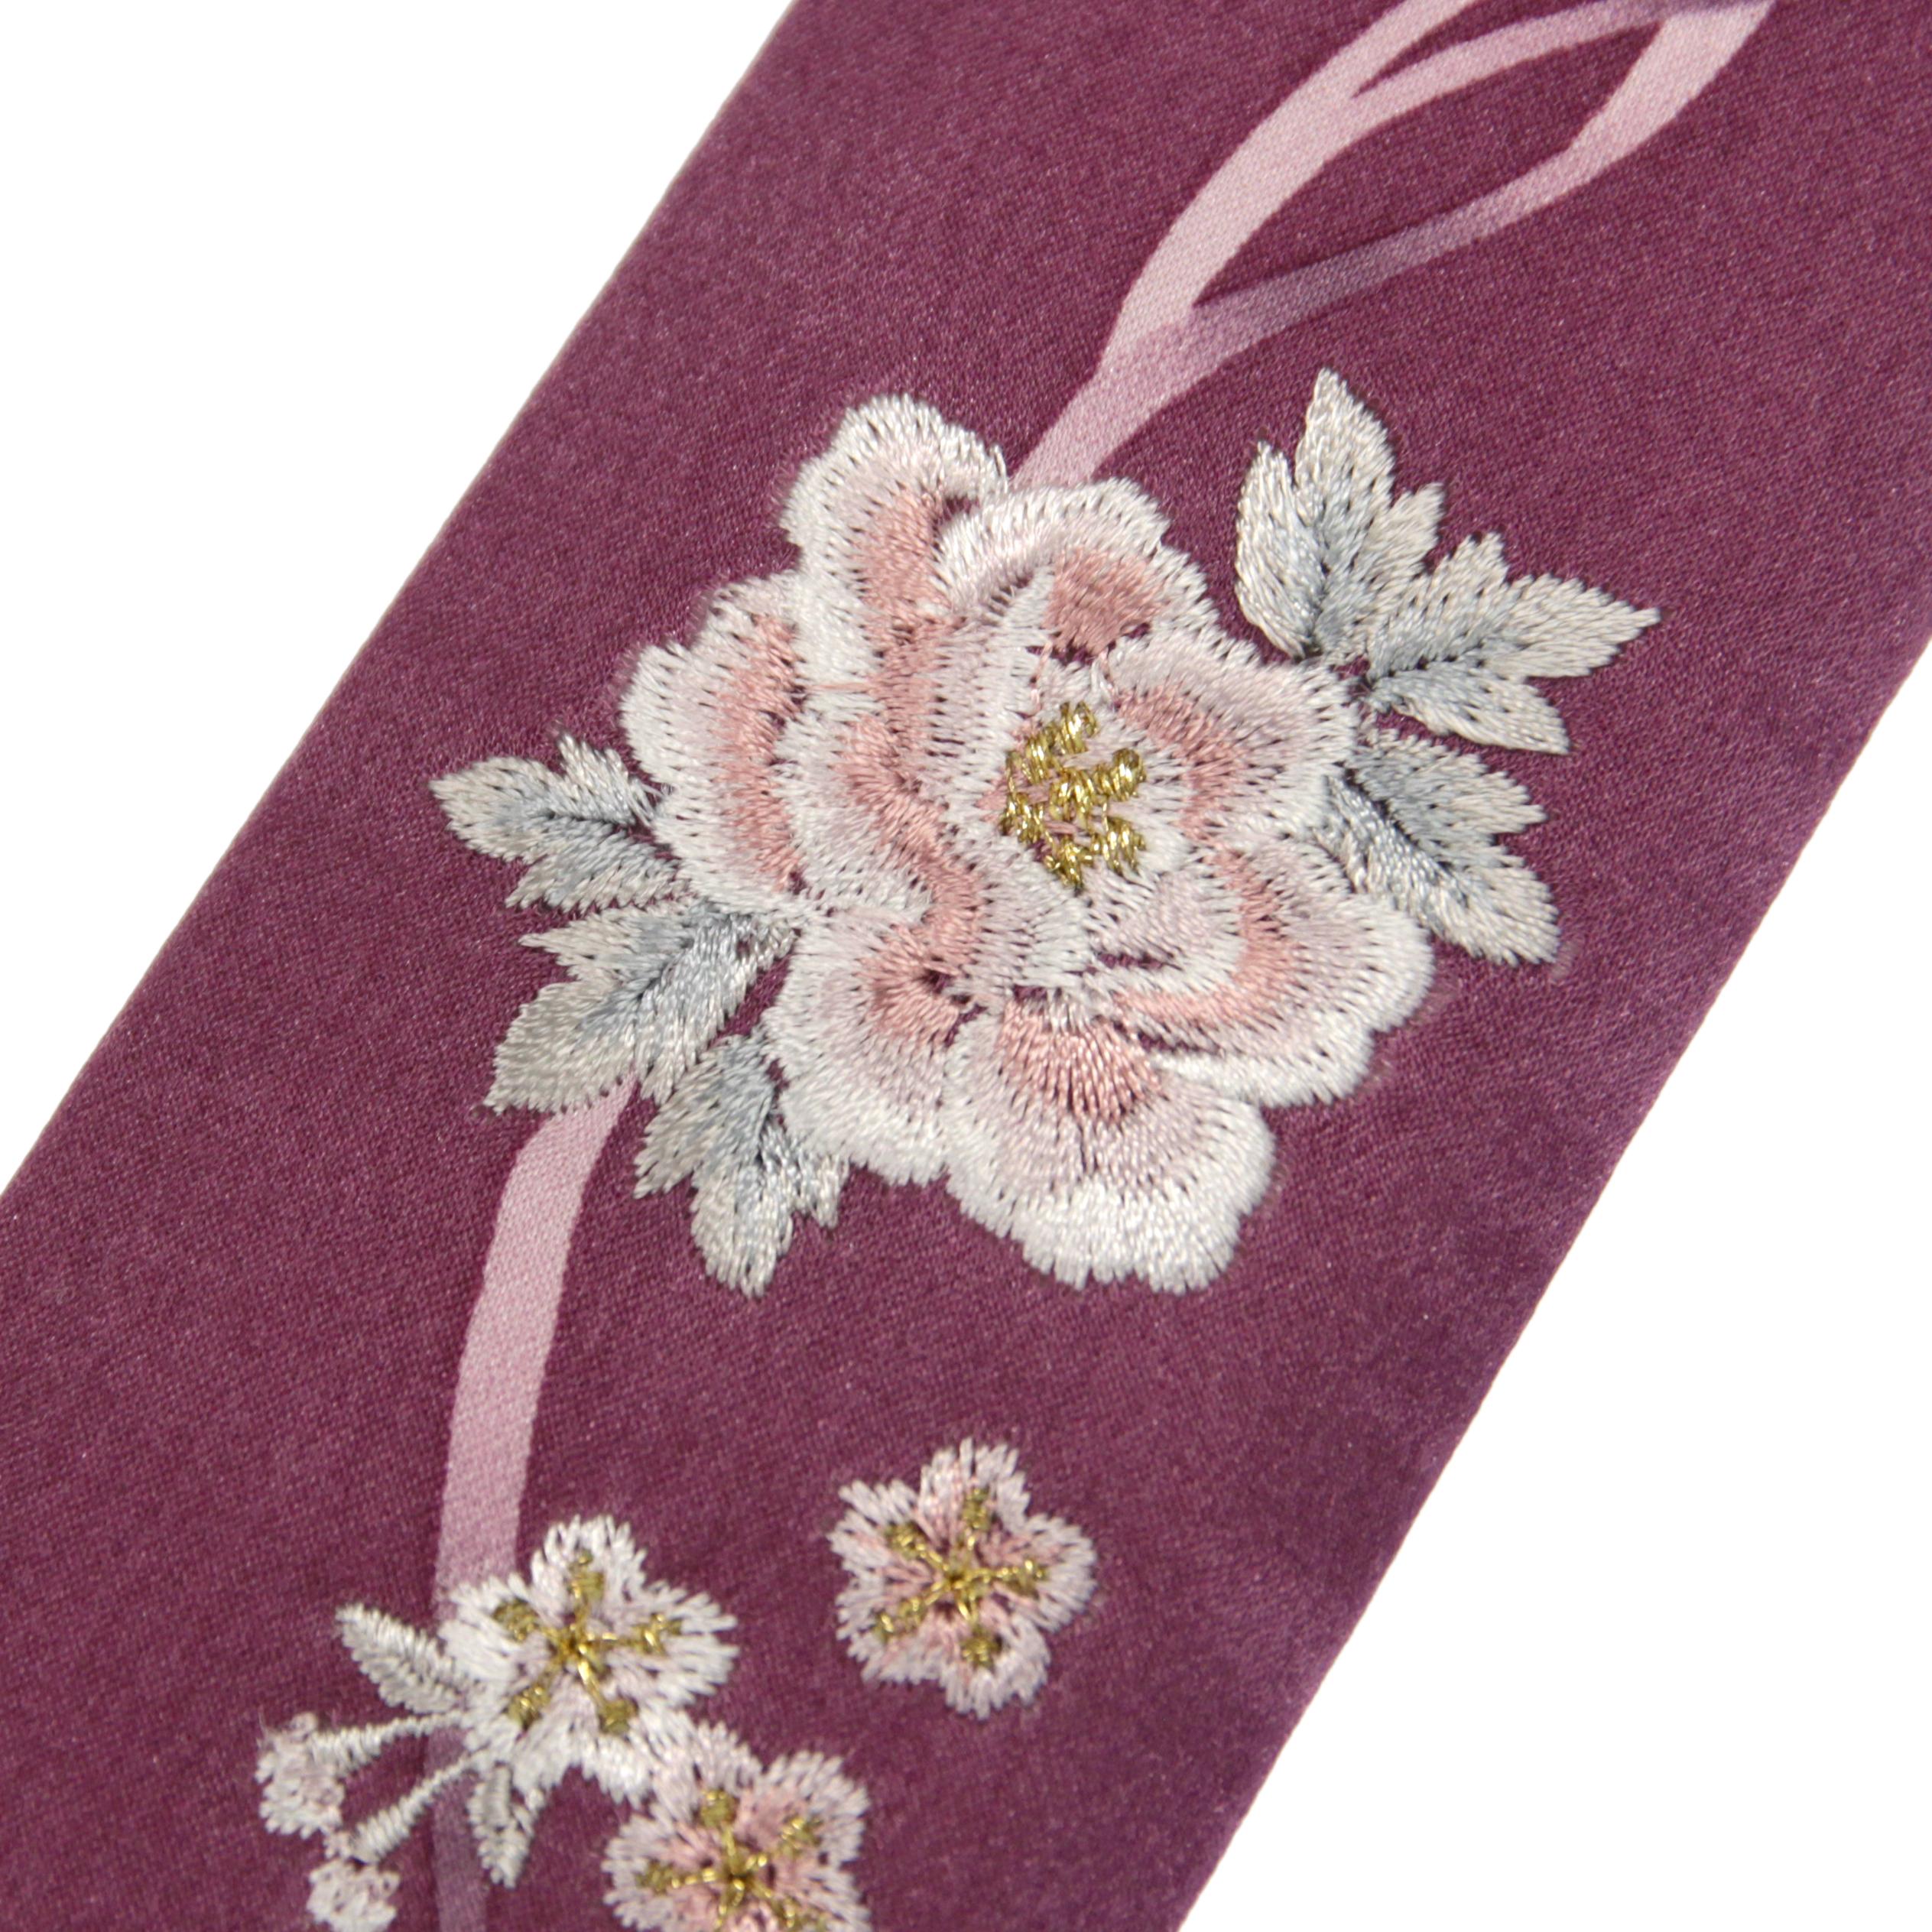 扇子袋には立体感のある牡丹の刺繍。